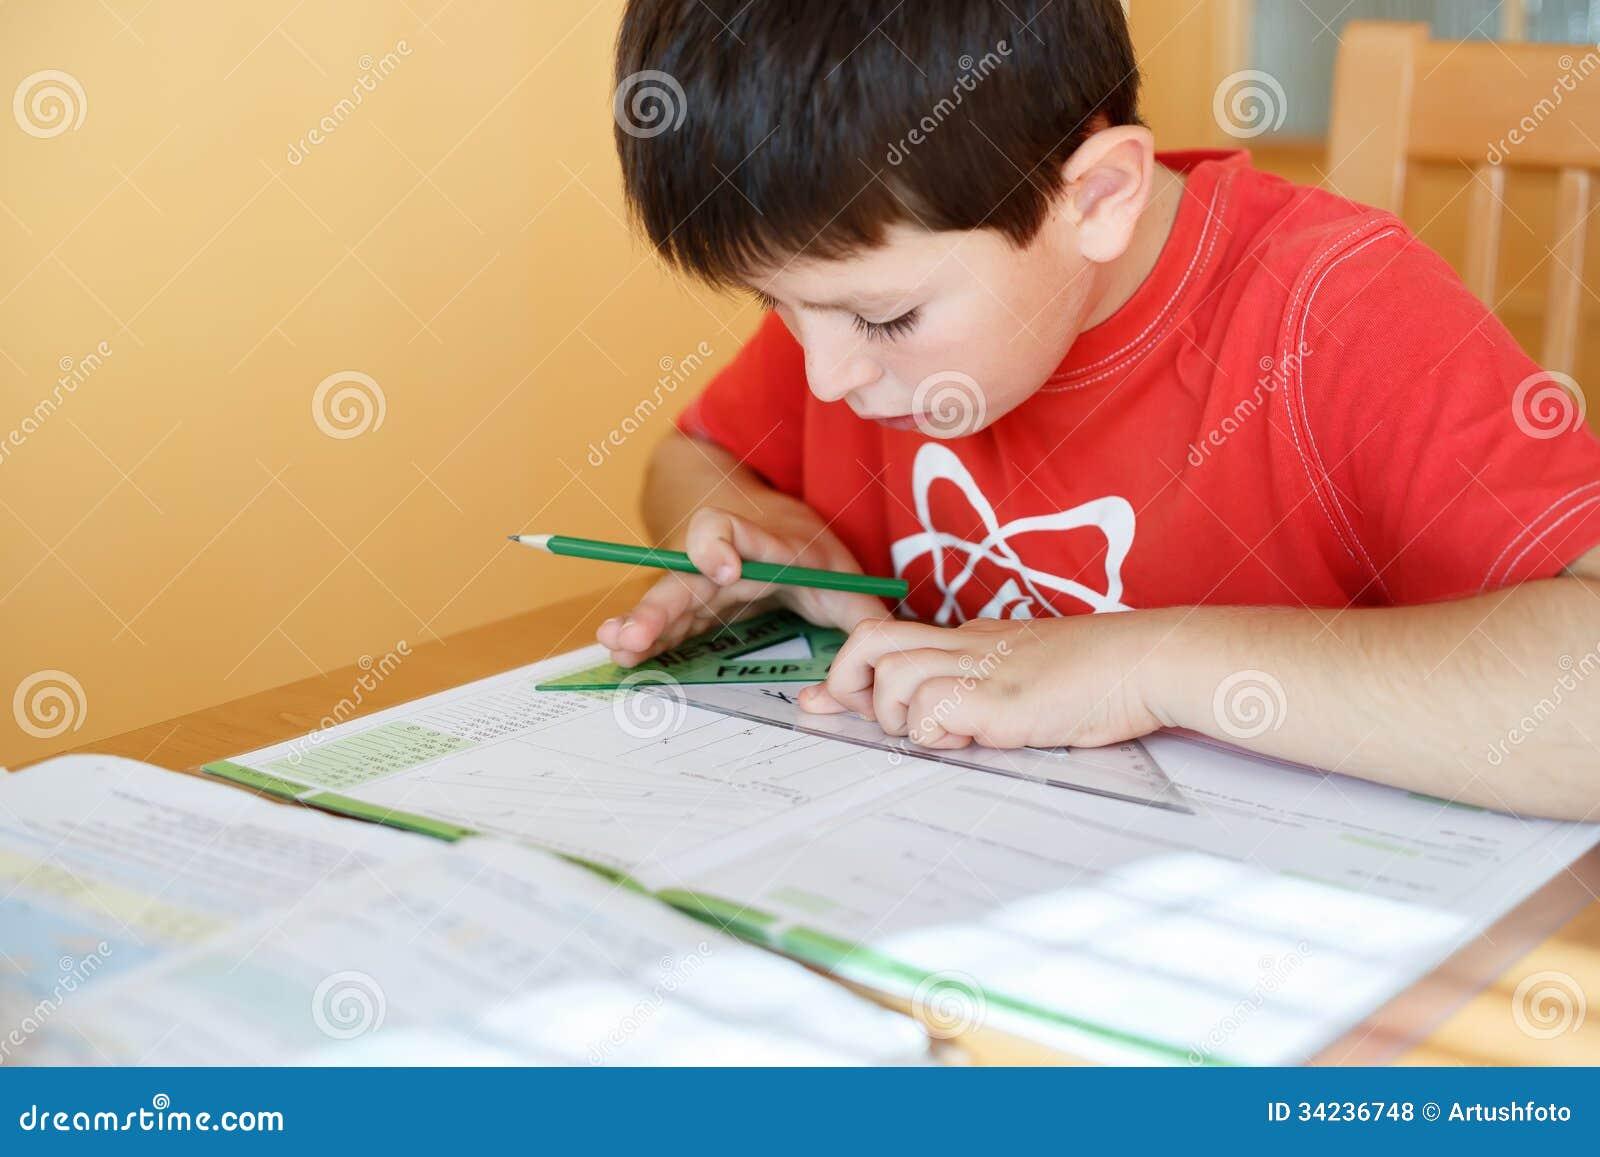 Boy runs away from homework